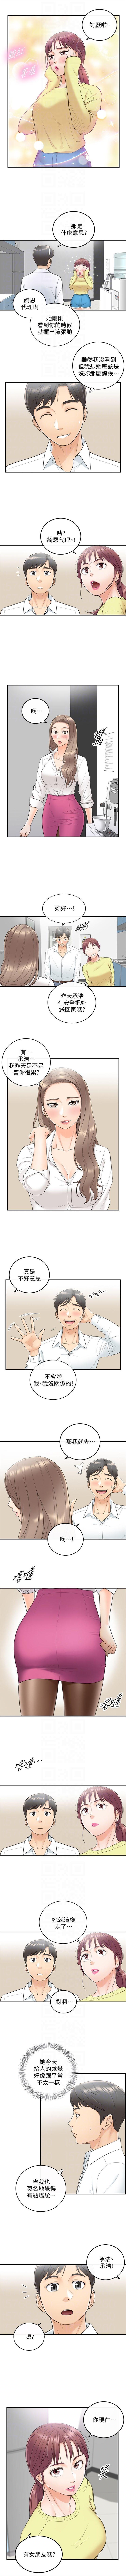 (週5)正妹小主管 1-39 中文翻譯(更新中) 44